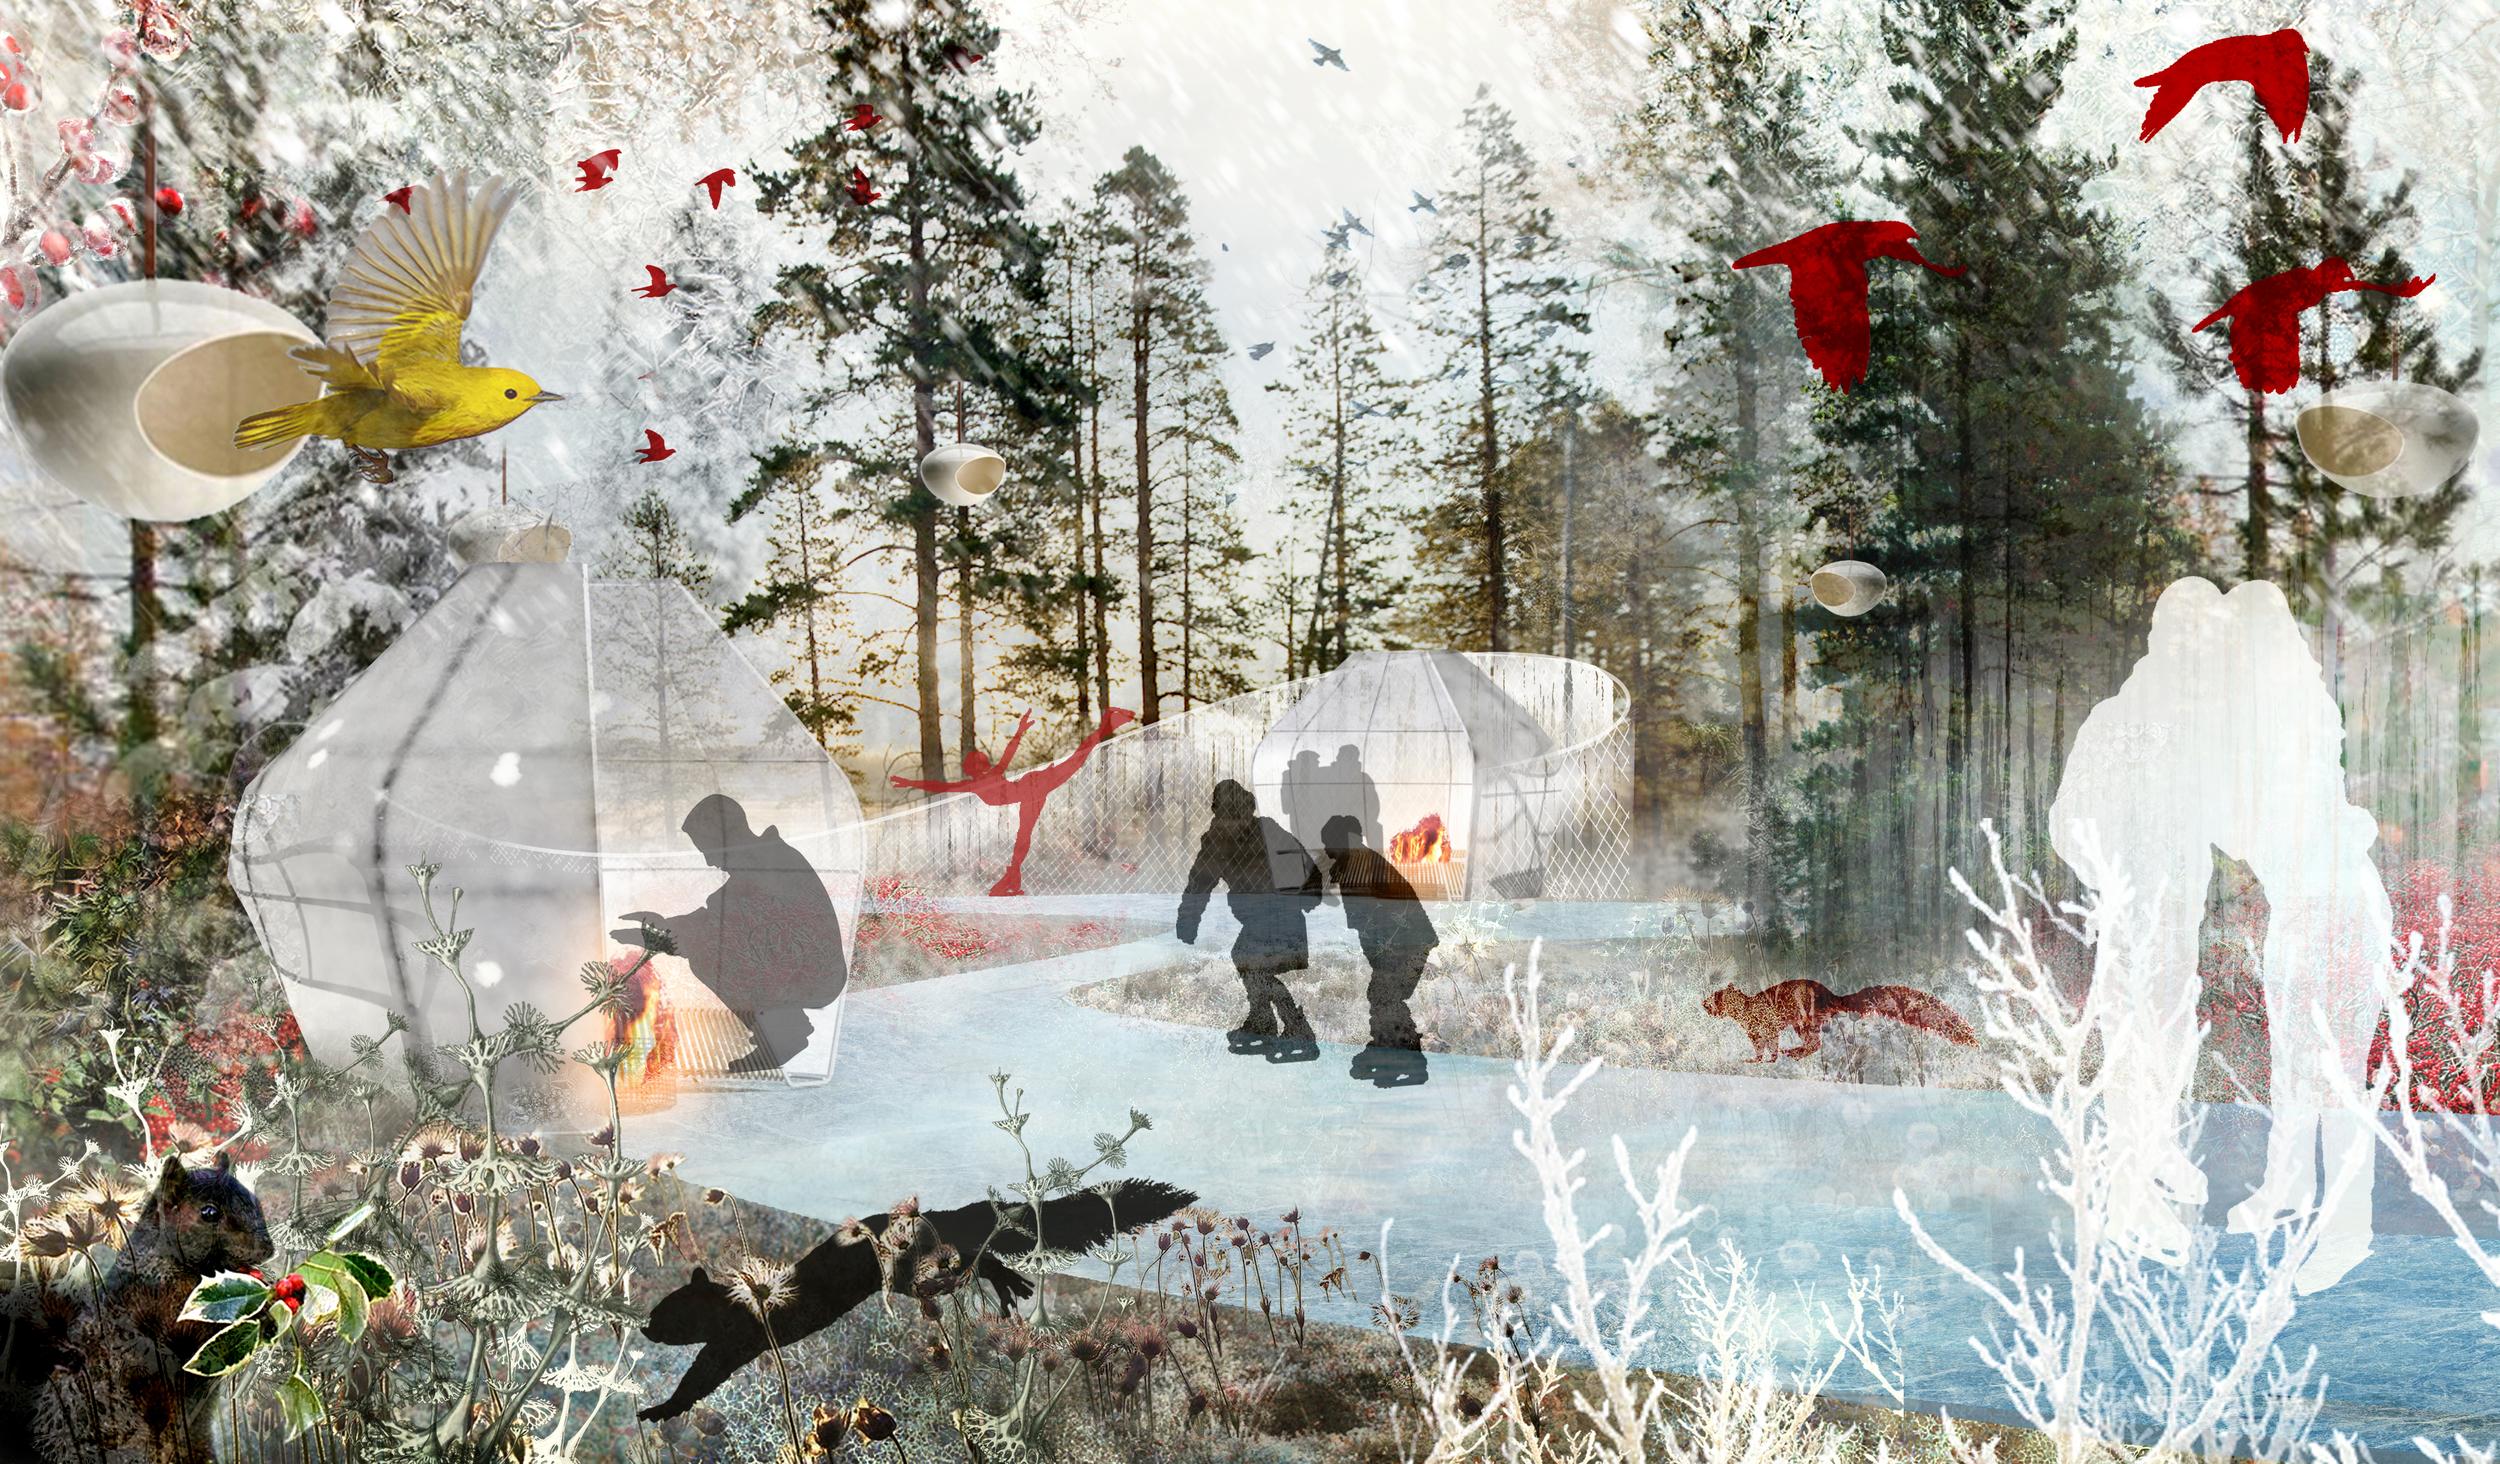 BA_calgary_view frozen garden.jpg